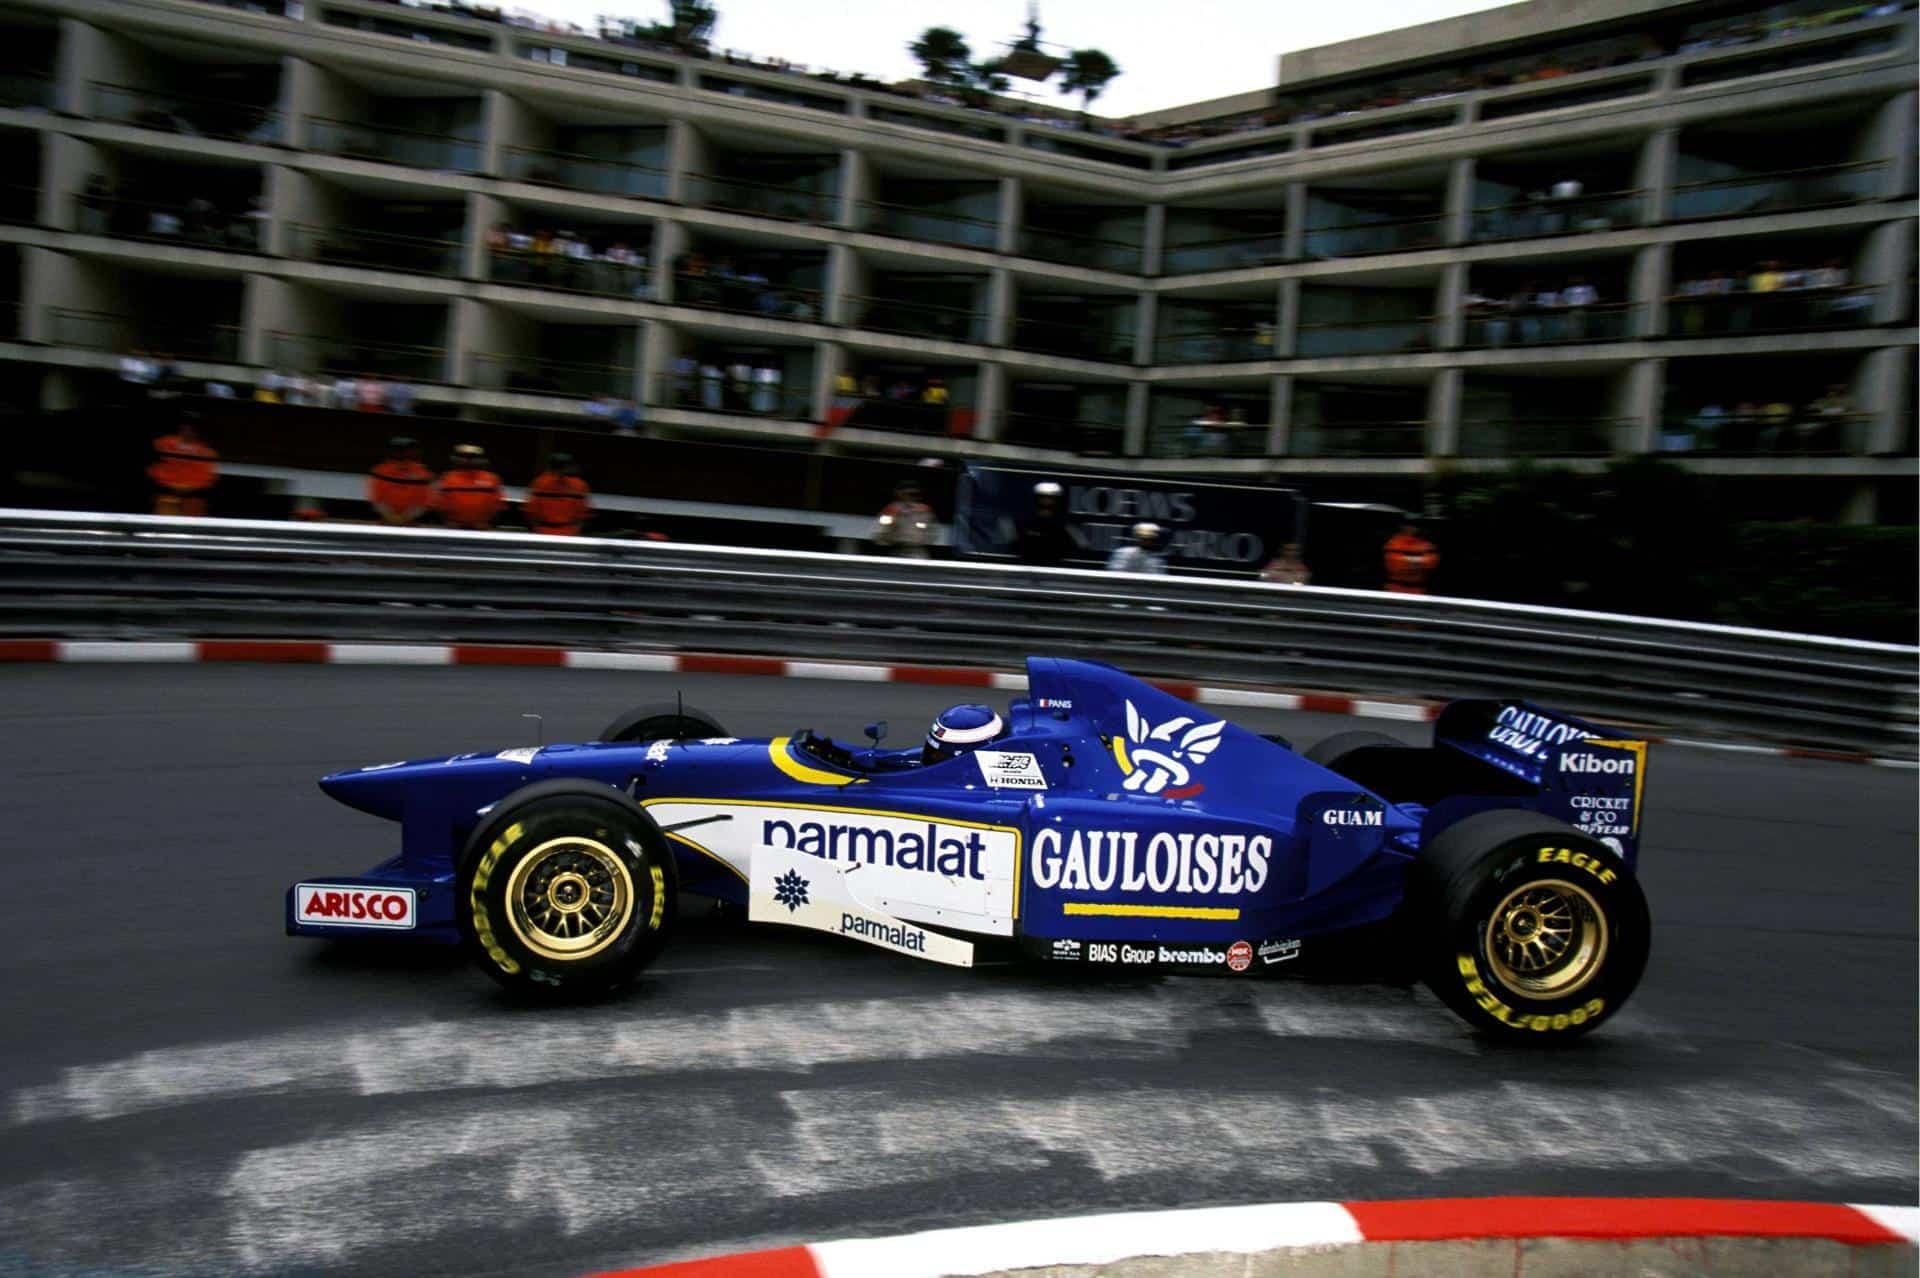 Ligier F1 1996 - foto by MAXF1.net